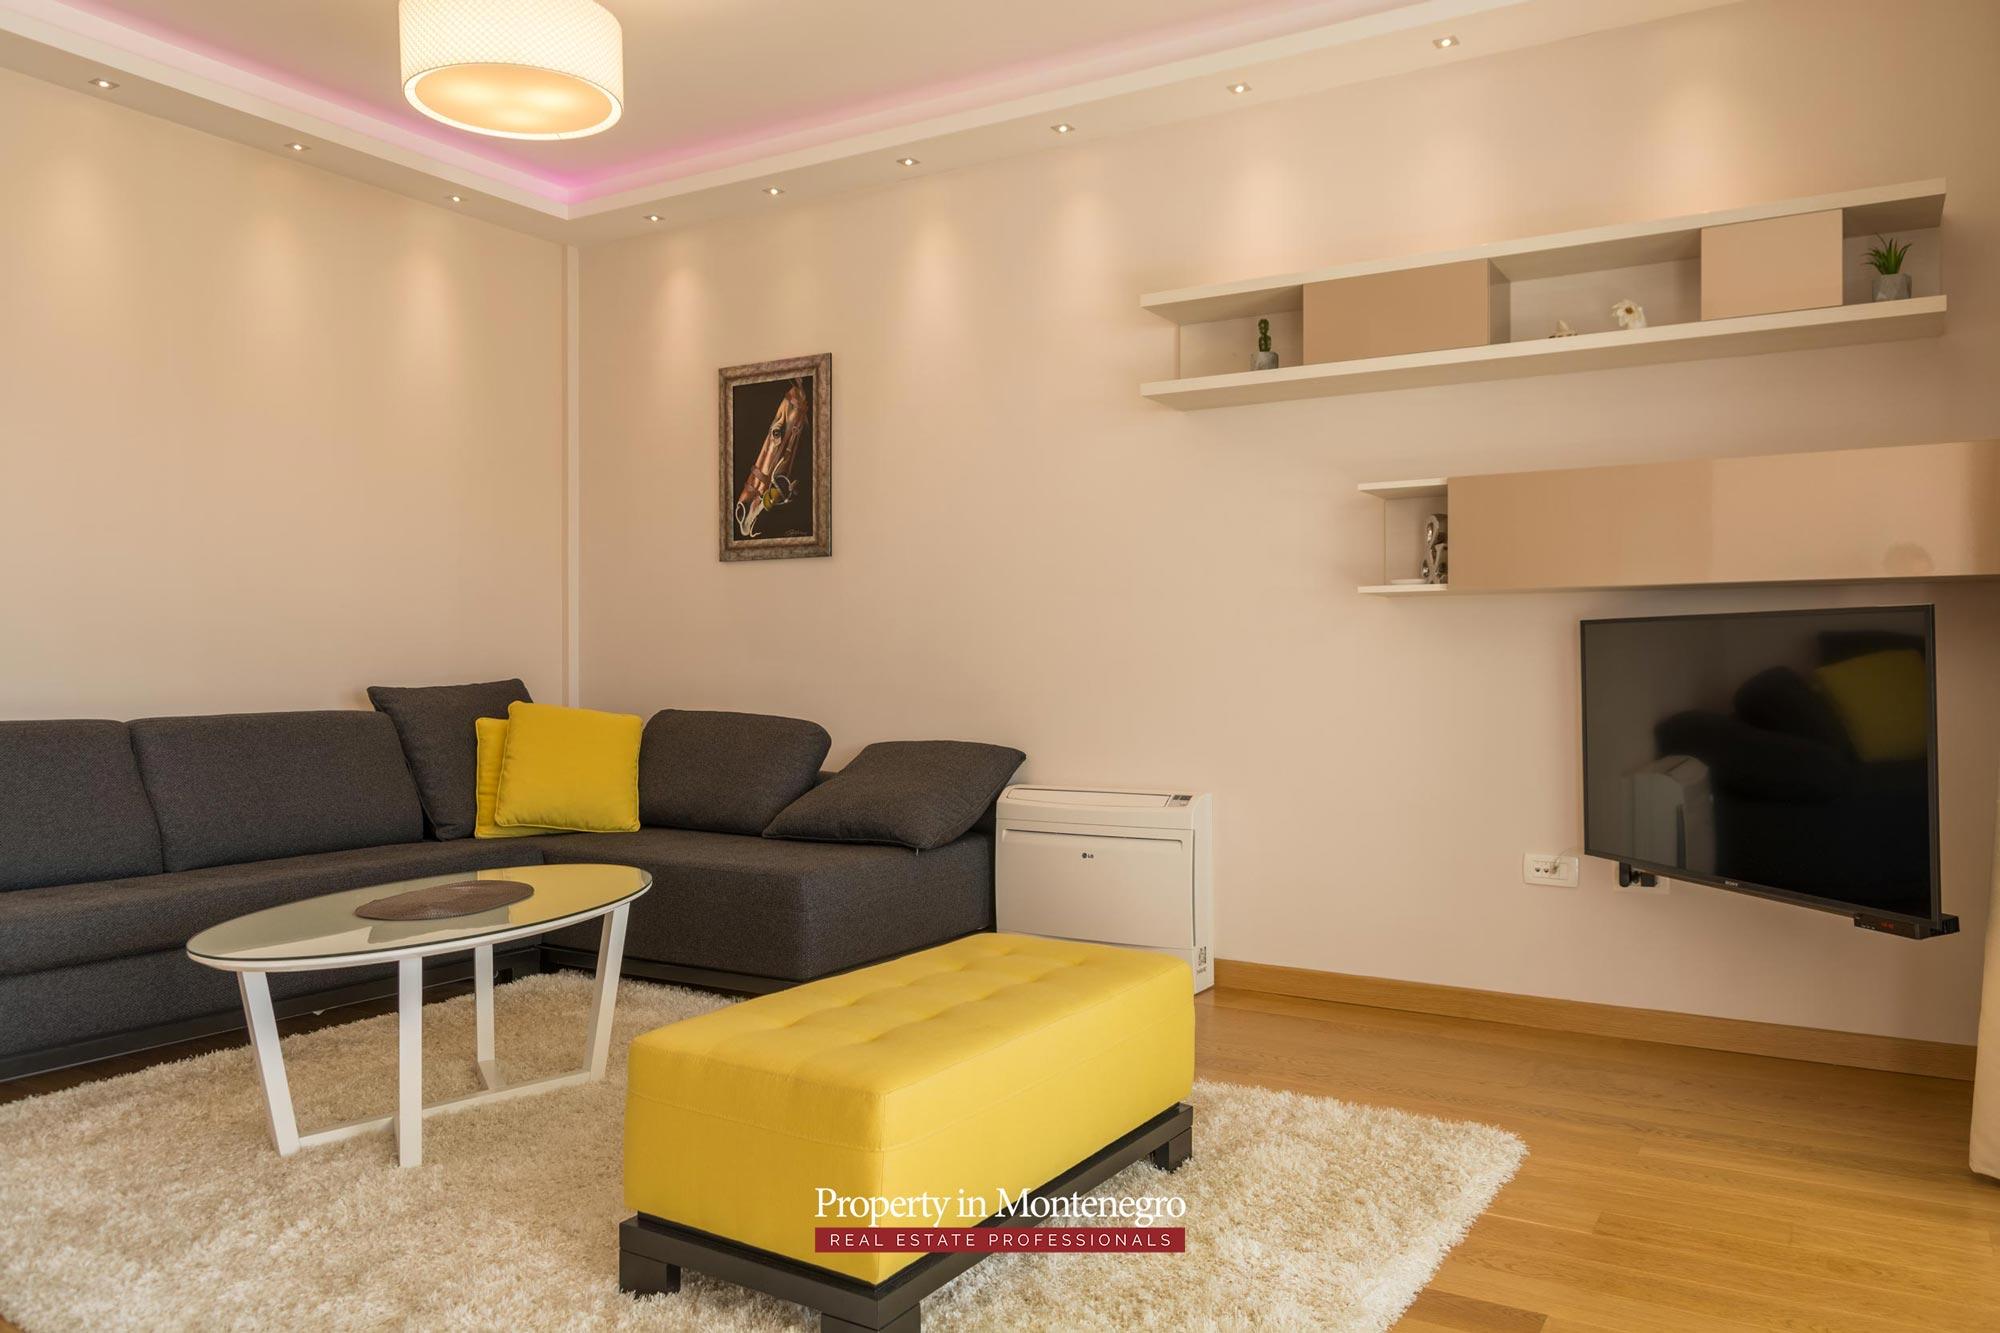 One bedroom apartment in Porto Montenegro